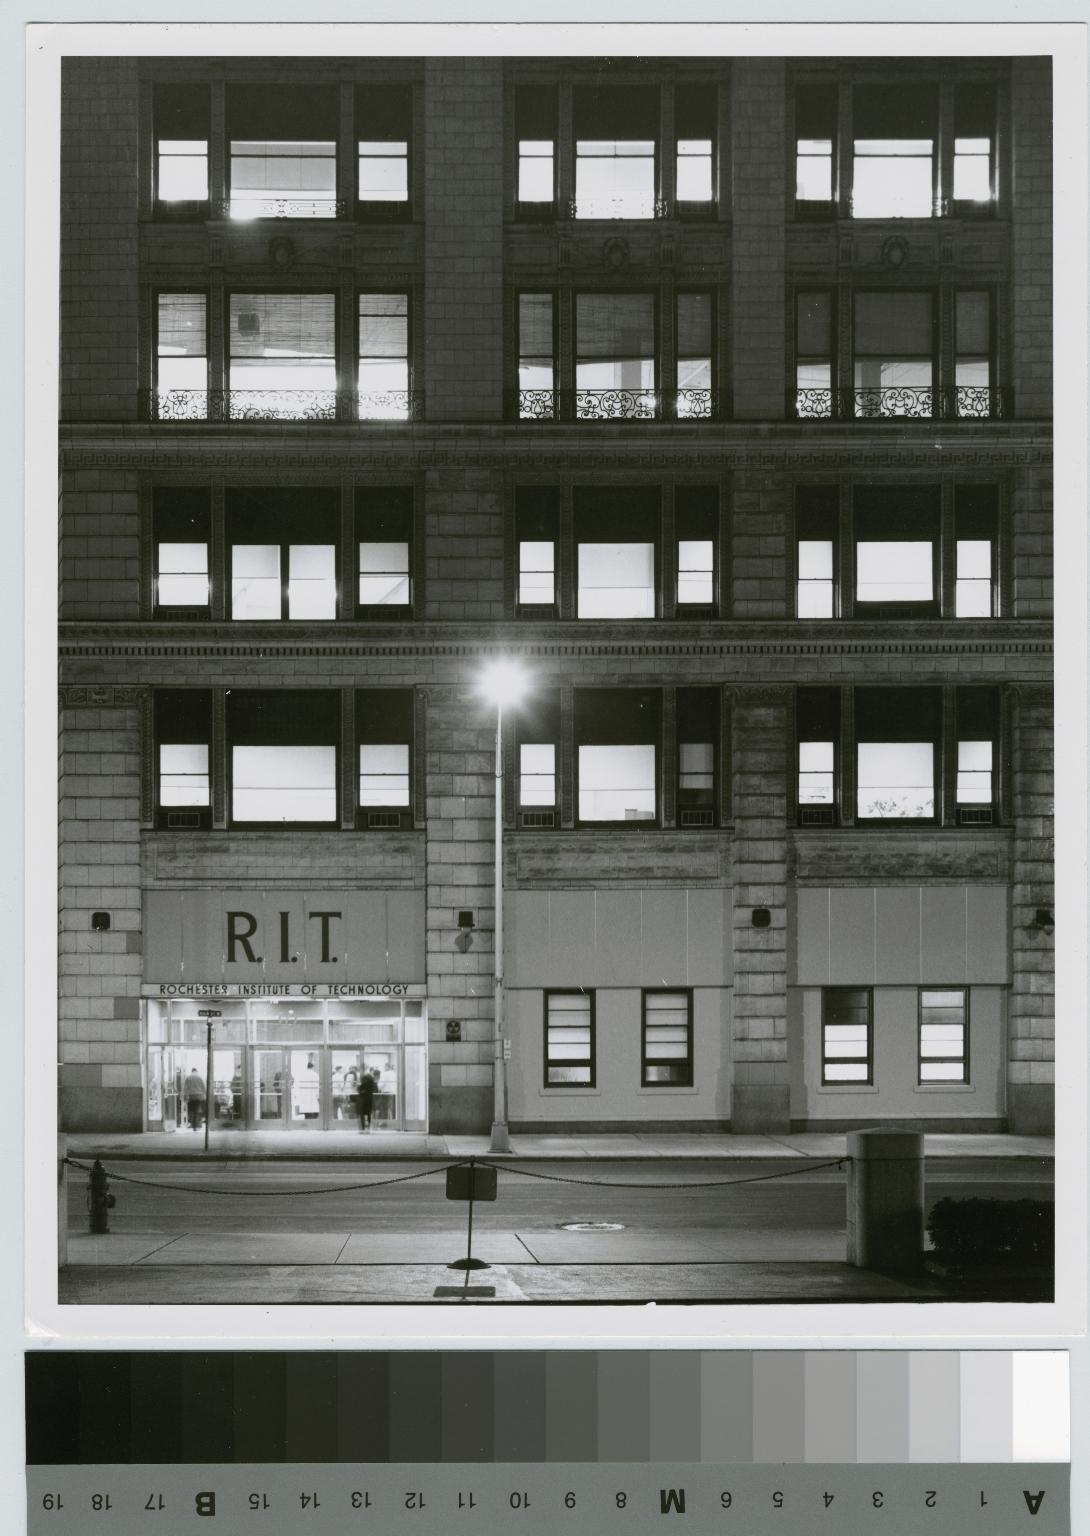 Night Scene, City Center, Rochester Institute of Technology